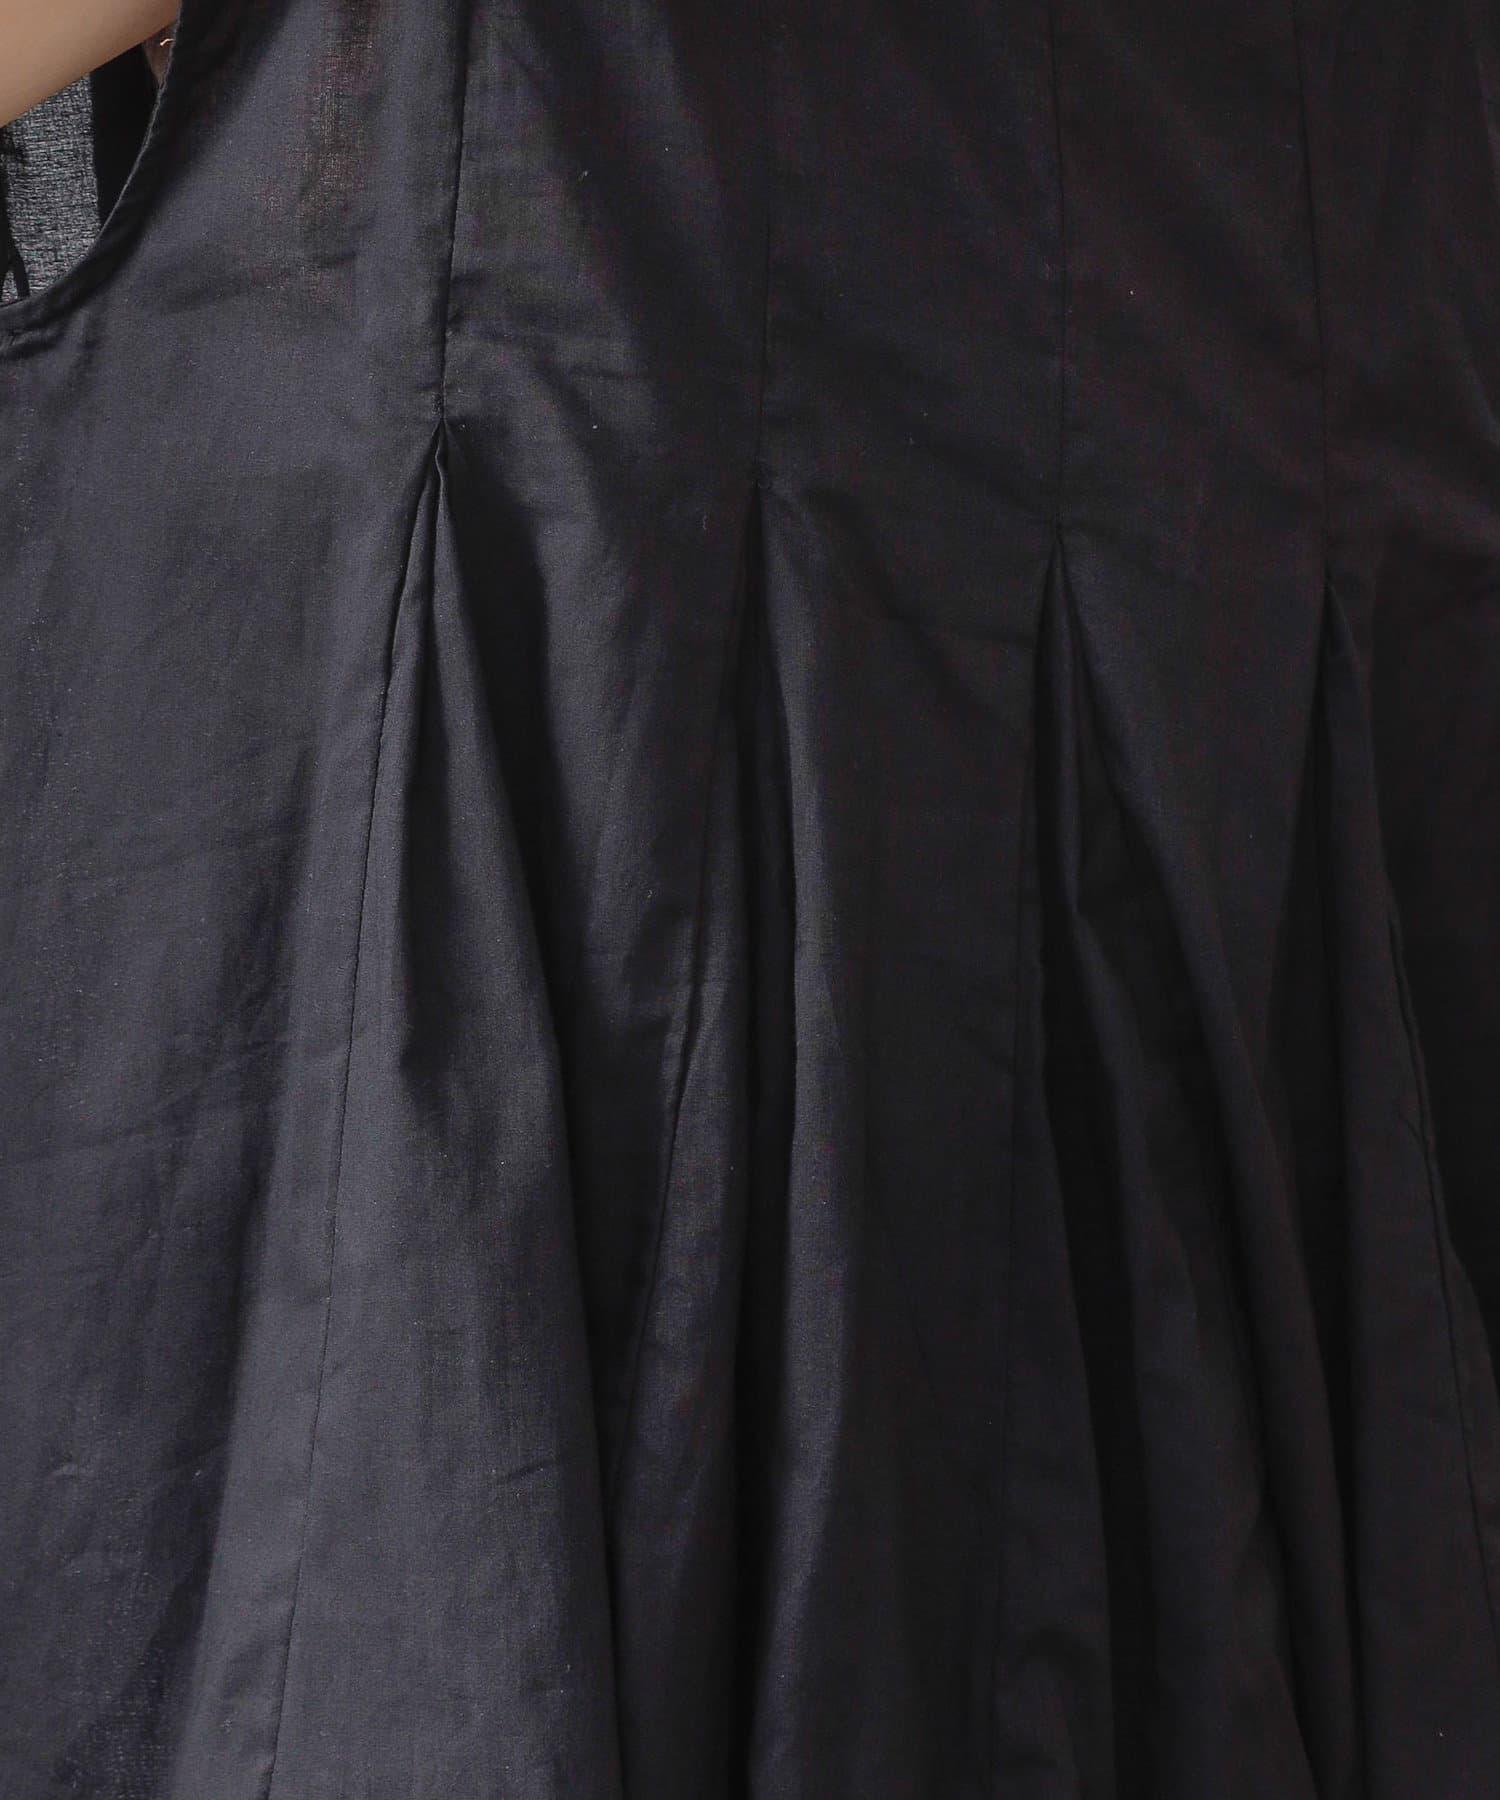 COLONY 2139(コロニー トゥーワンスリーナイン) 【WEB・一部店舗限定】コットン切替Aラインノースリーブチュニック